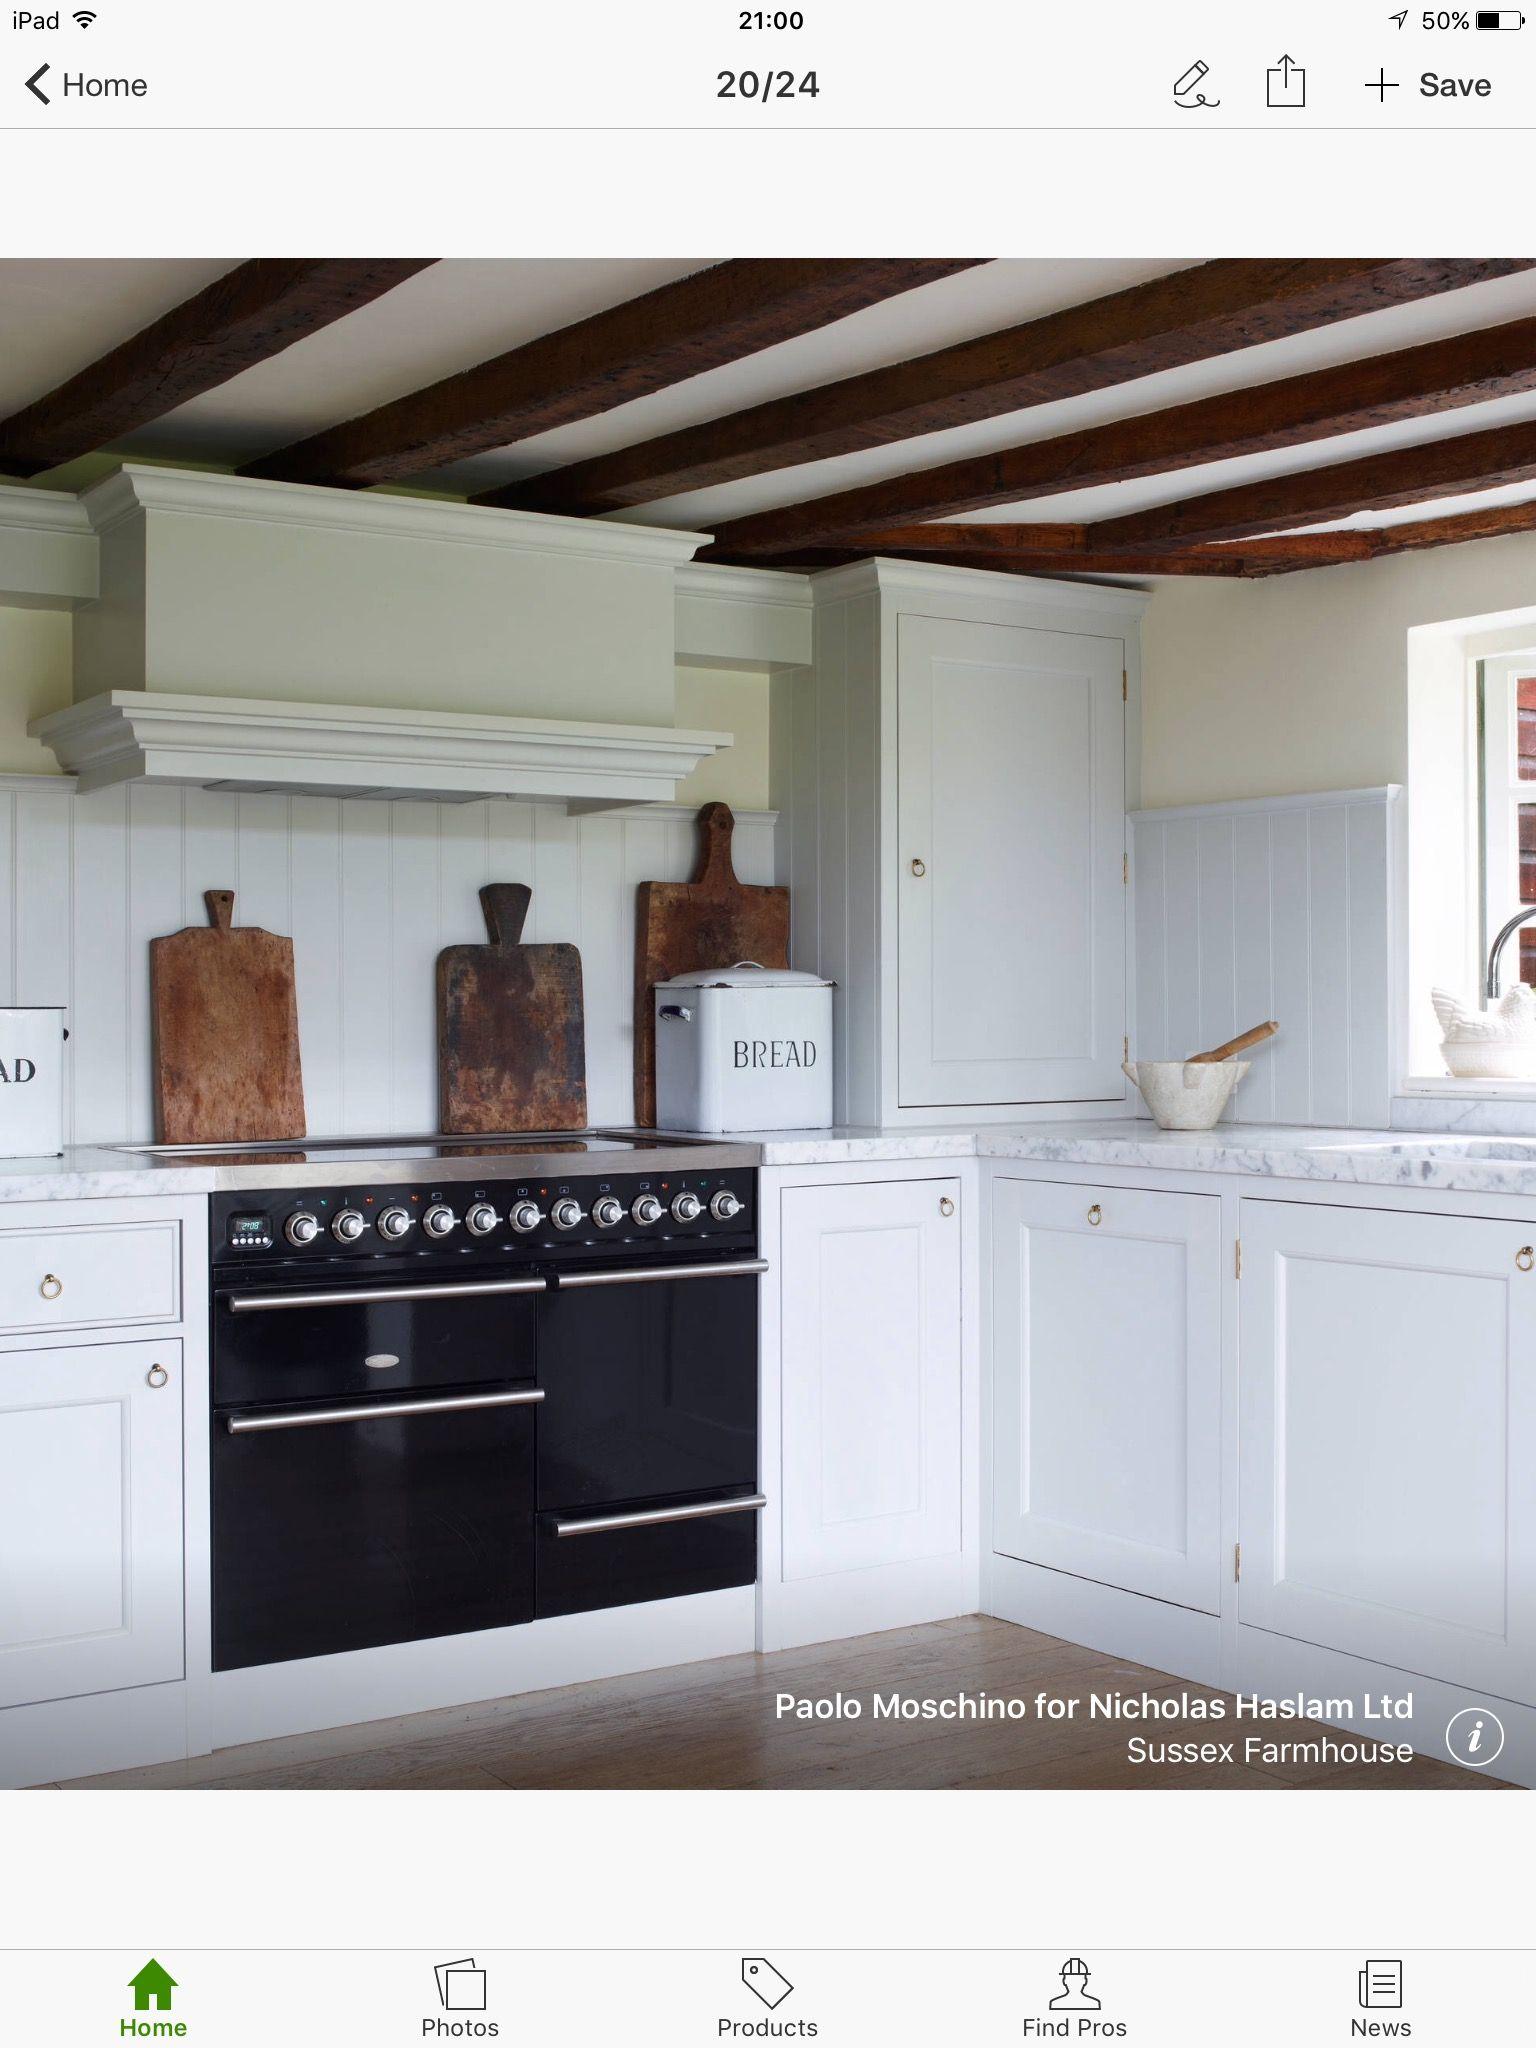 Pin de D J C en Idea for kitchen project | Pinterest